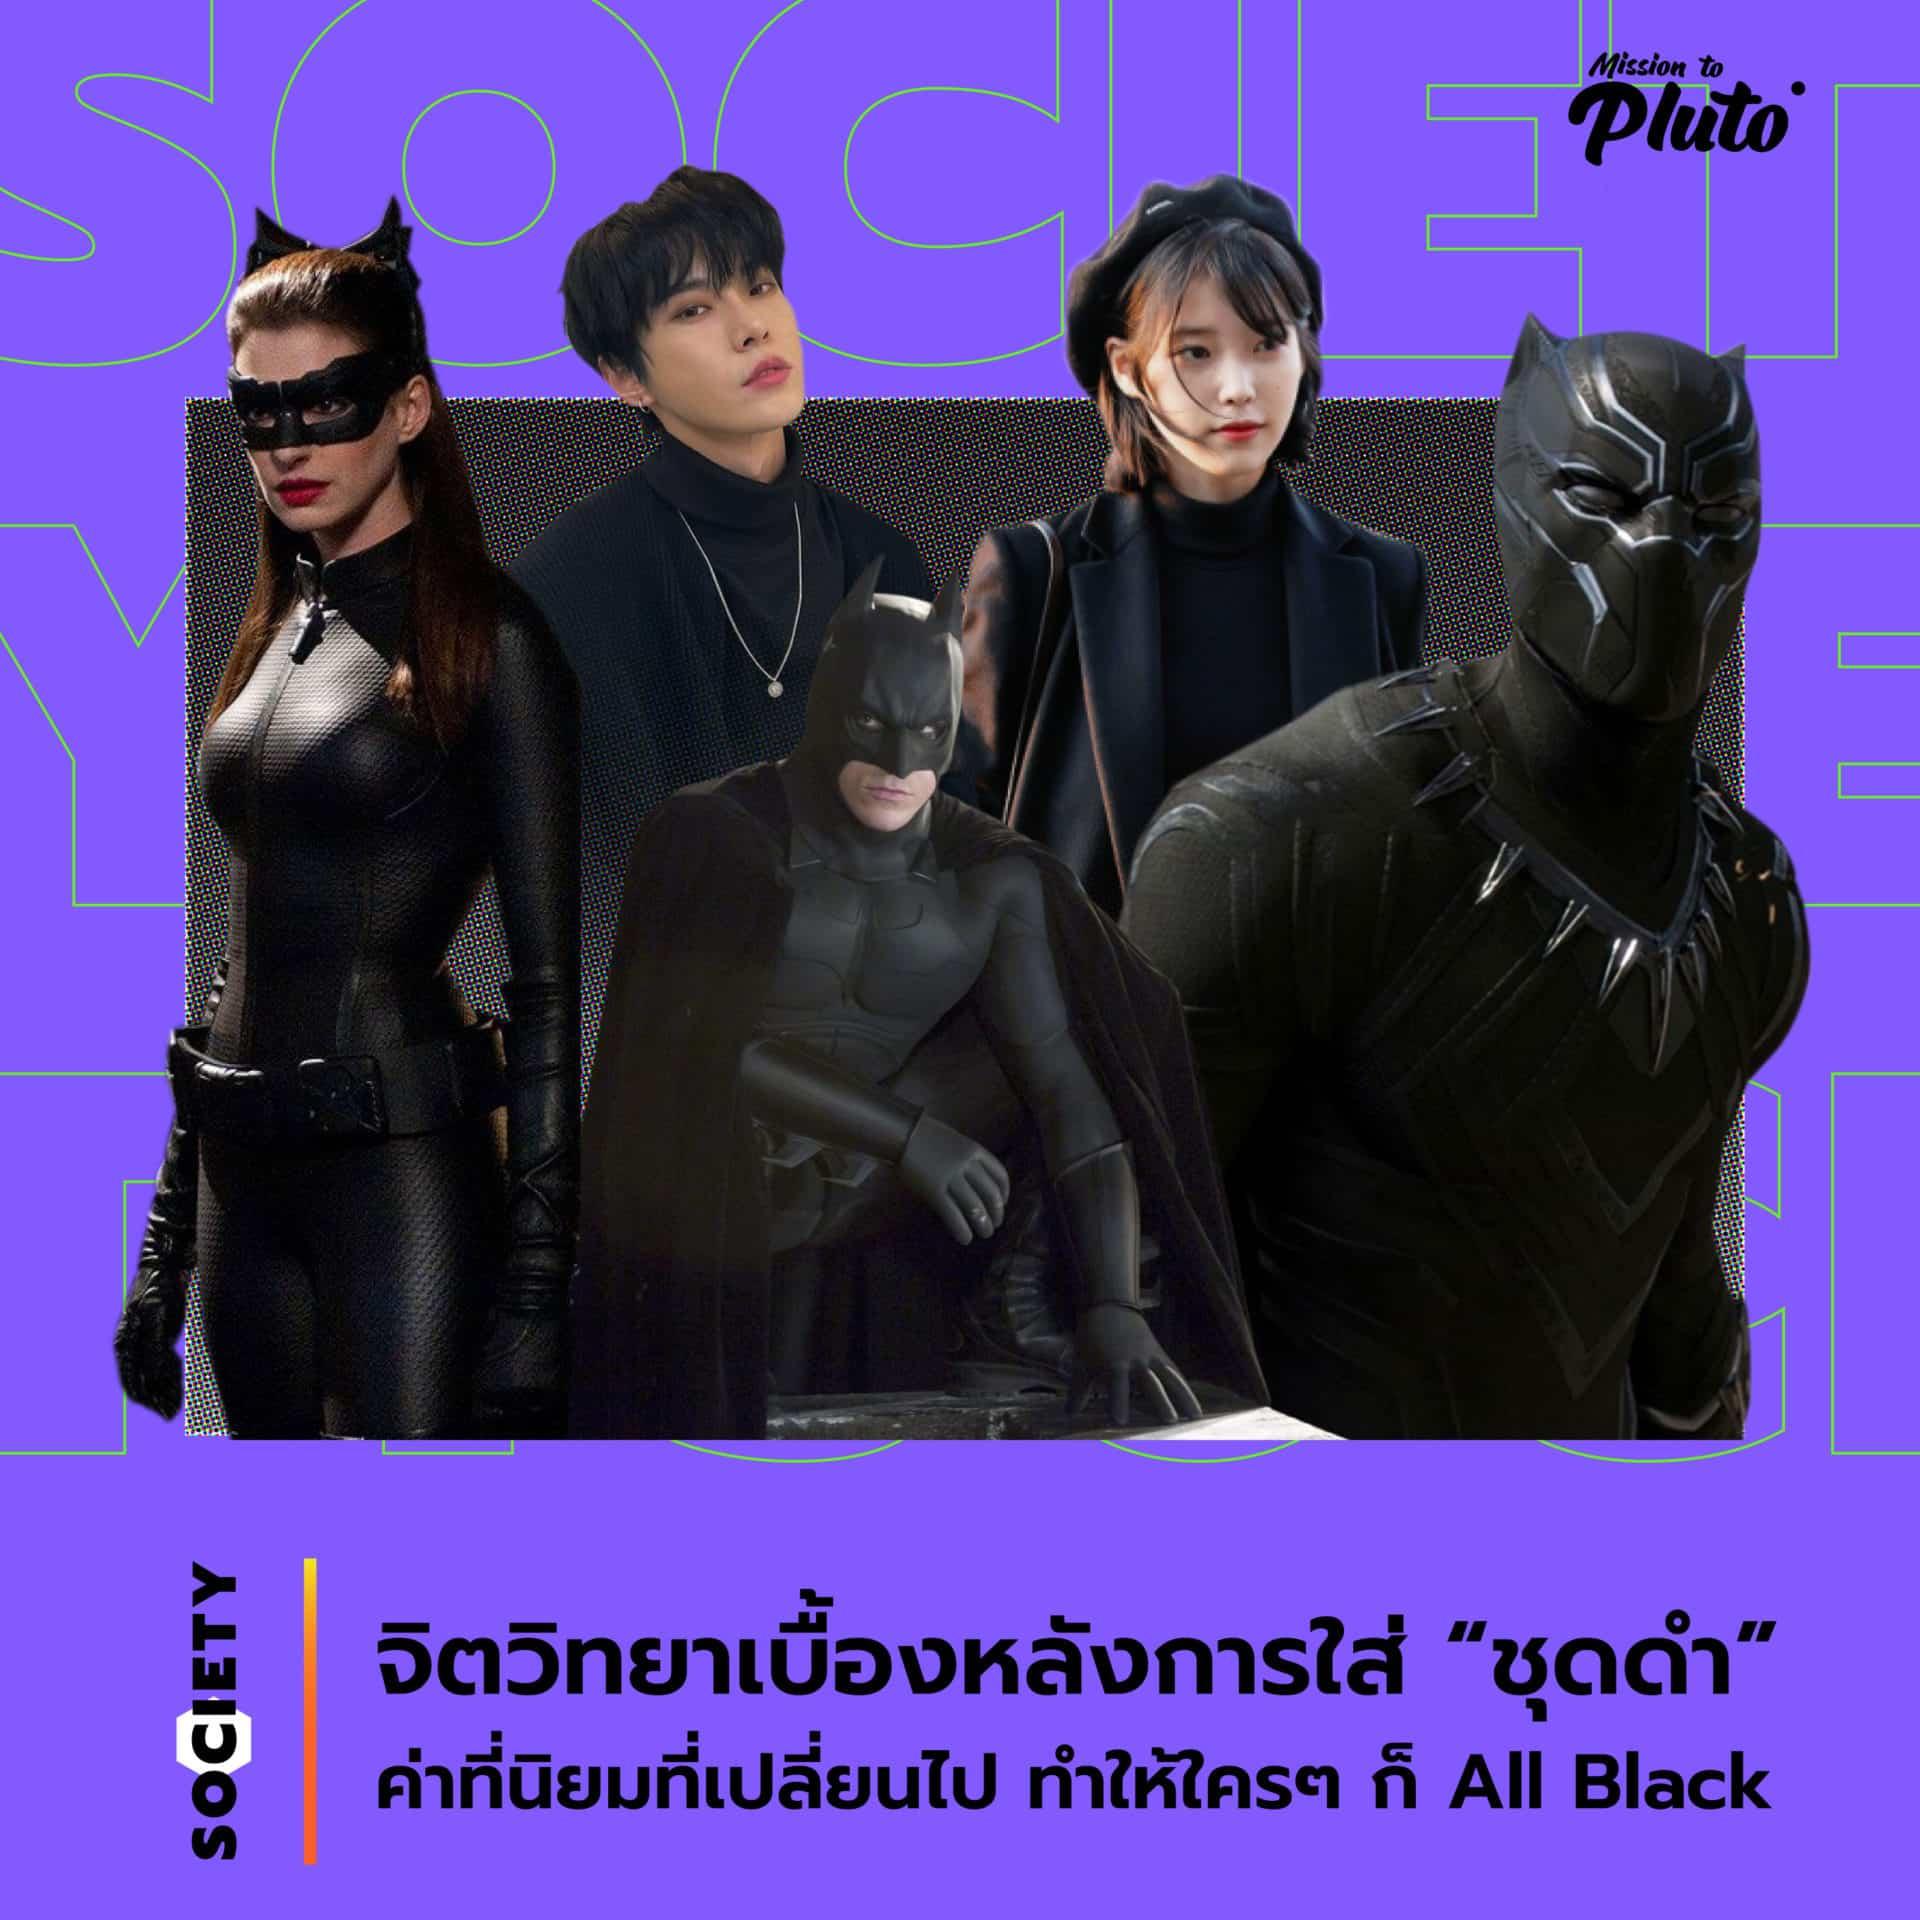 ชุดดำ